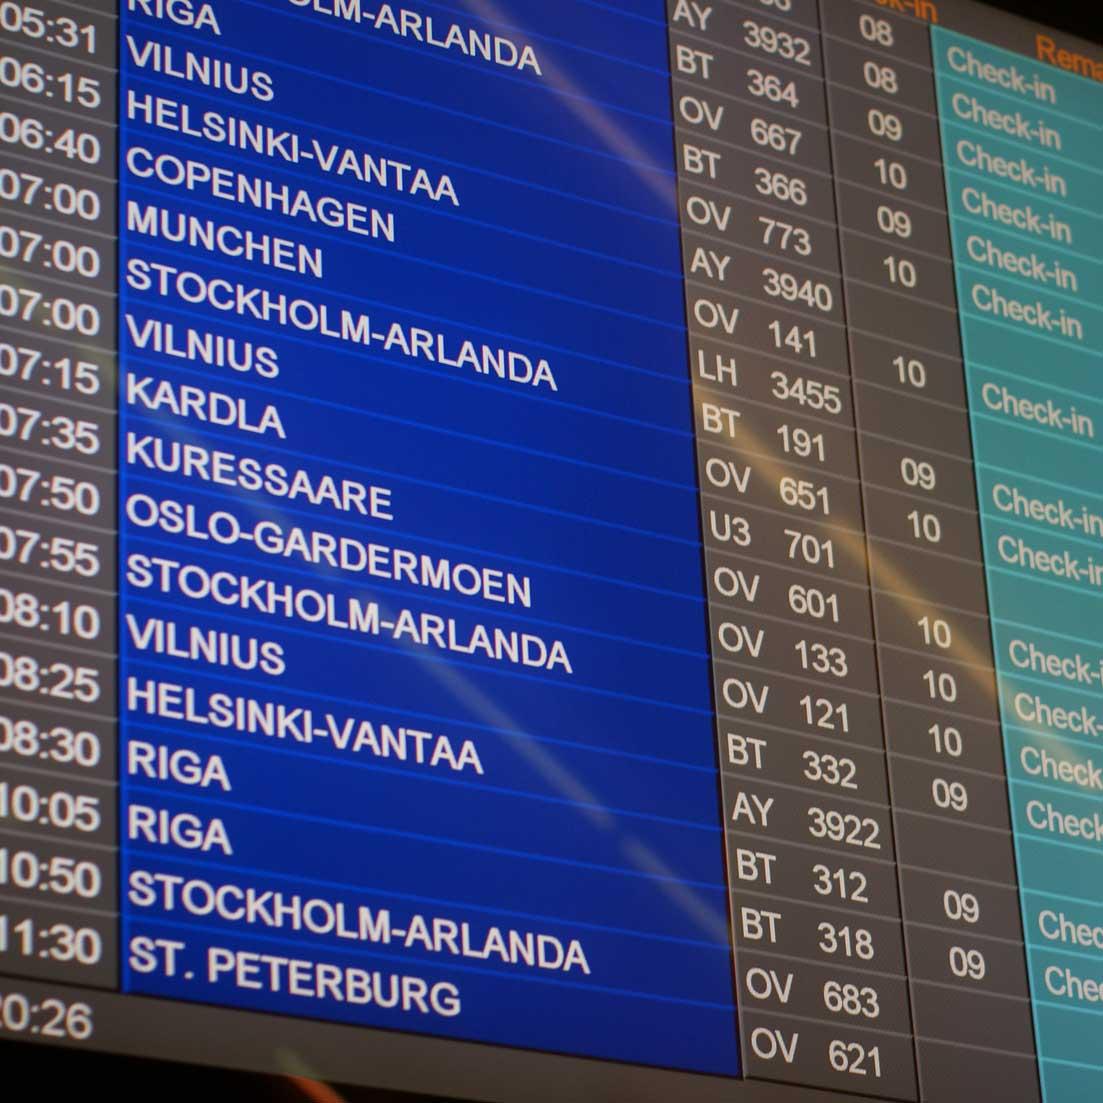 Menos_de_1_de_cada_10_afectados_por_retrasos_en_vuelos_es_compensado.jpg